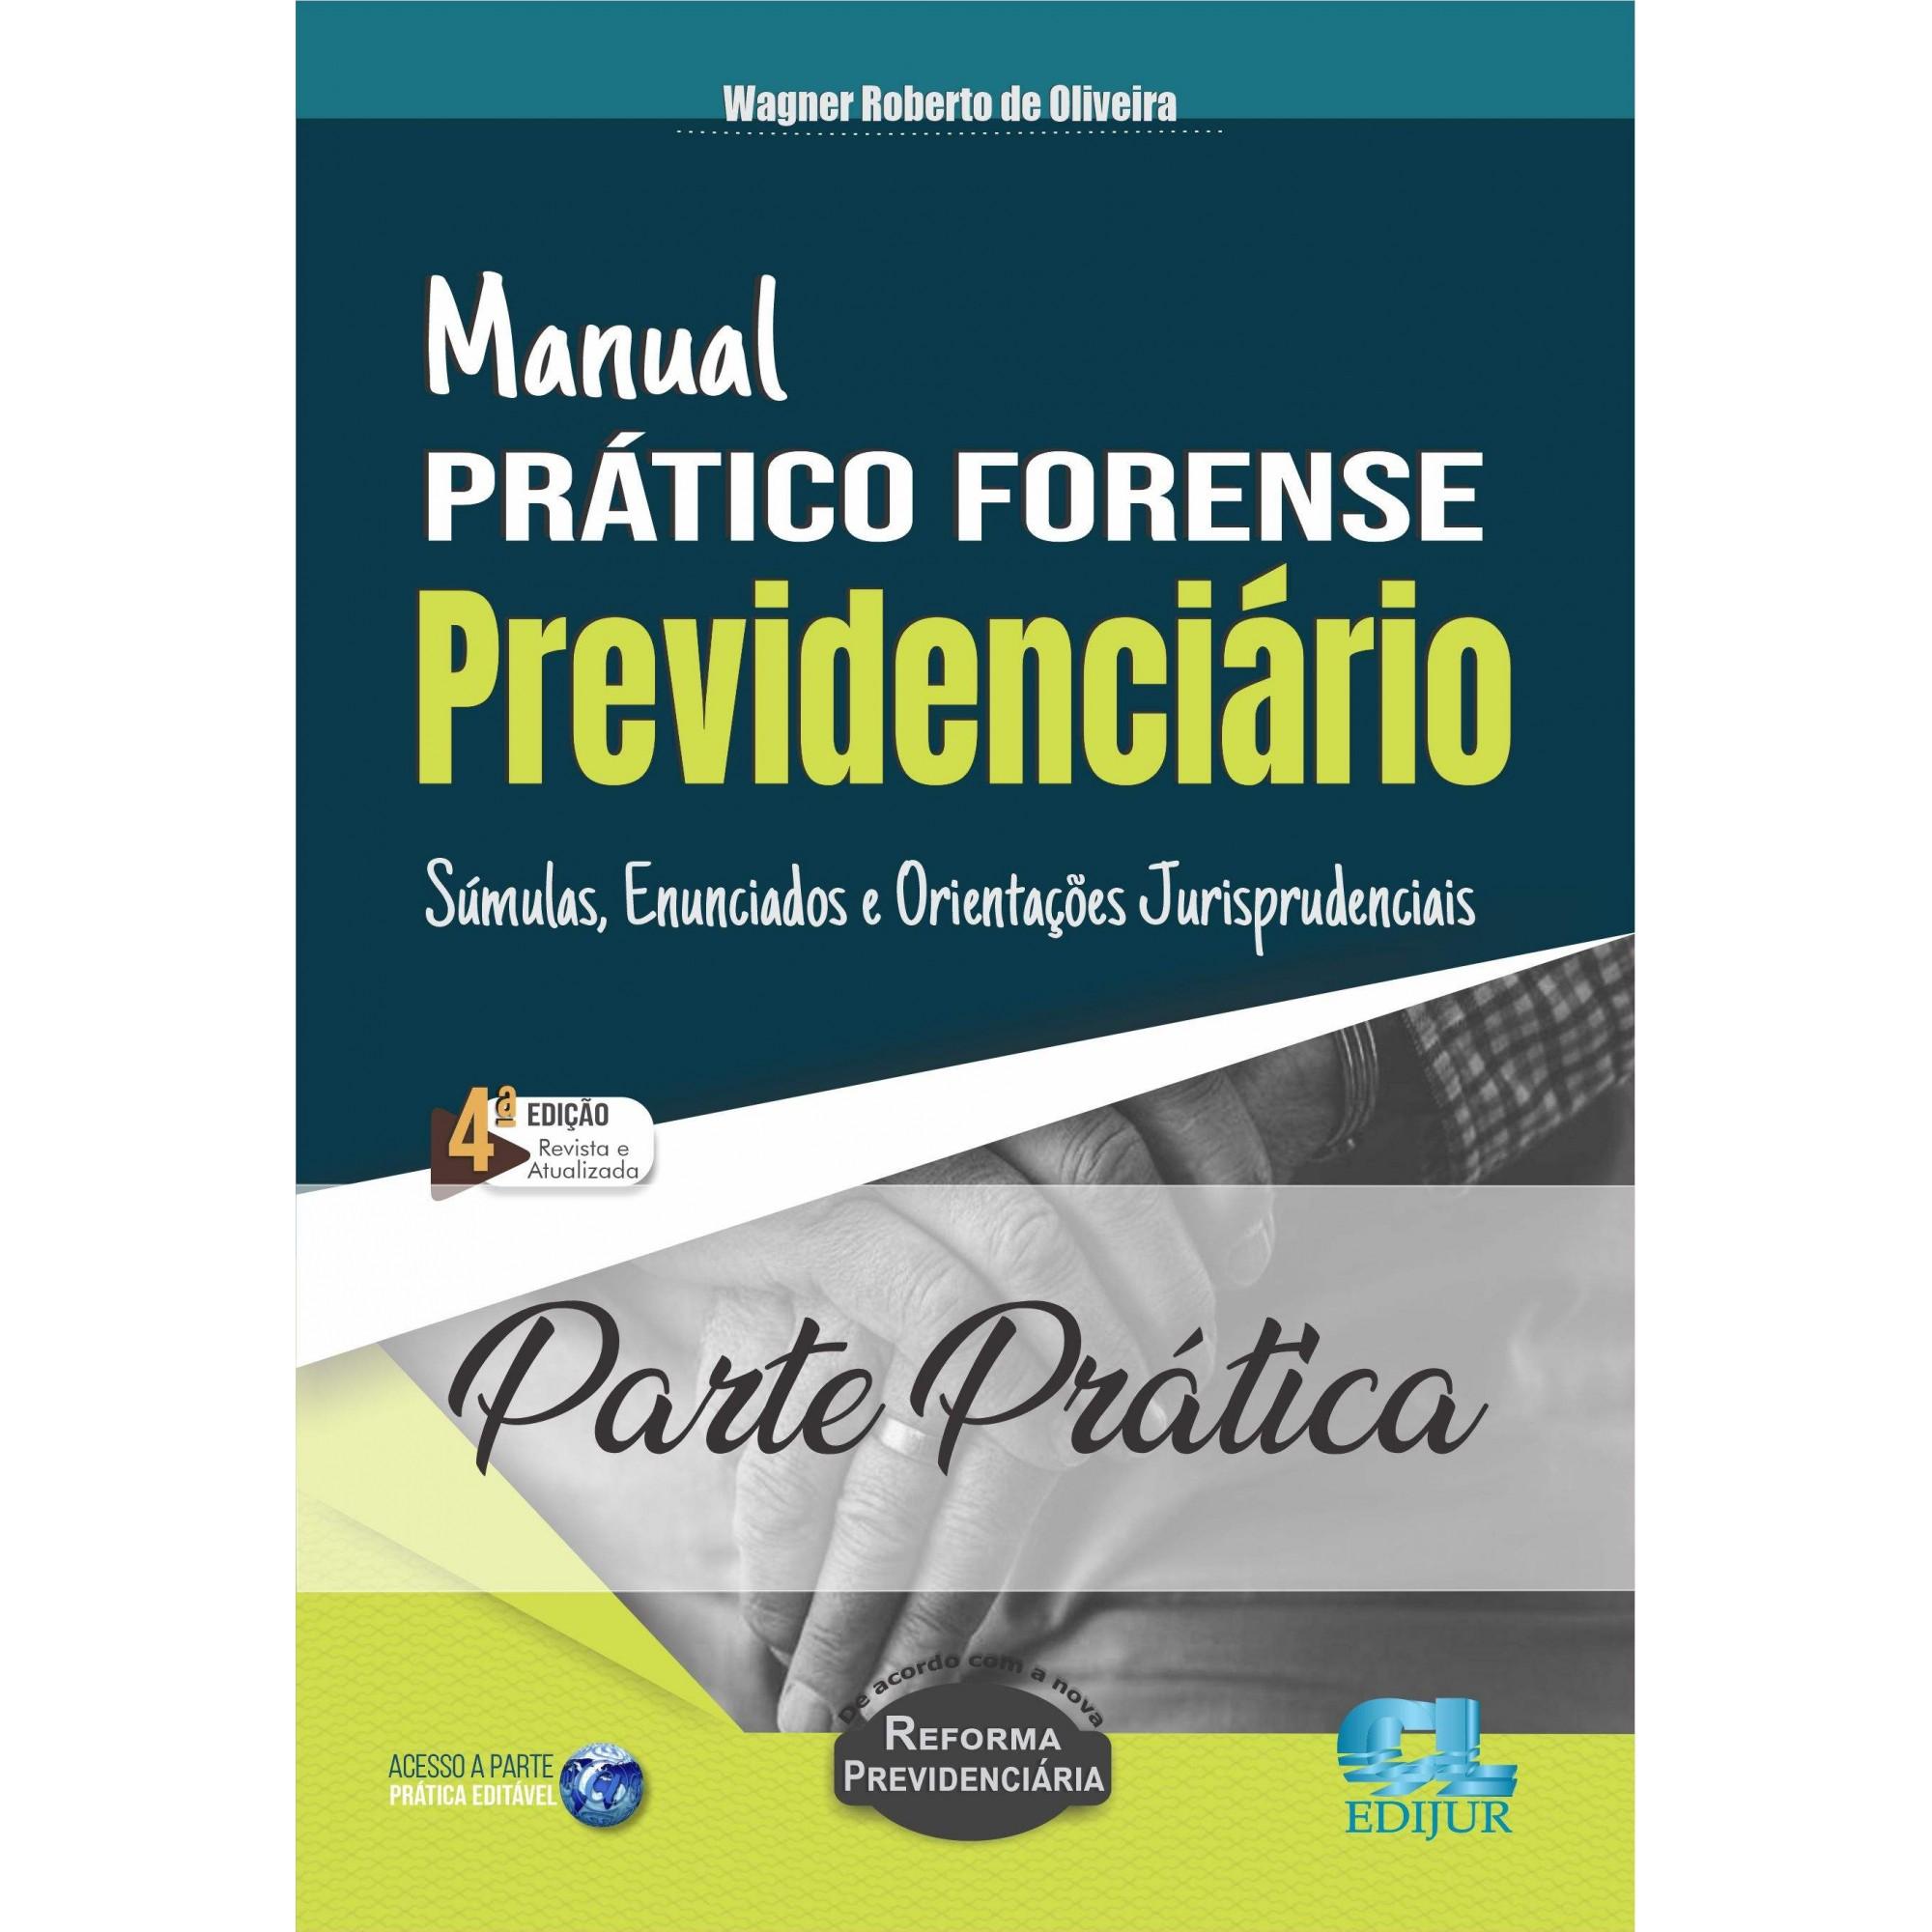 PARTE PRÁTICA - Manual prático forense previdenciário  (SOMENTE PARTE PRÁTICA)  - Edijur Editora